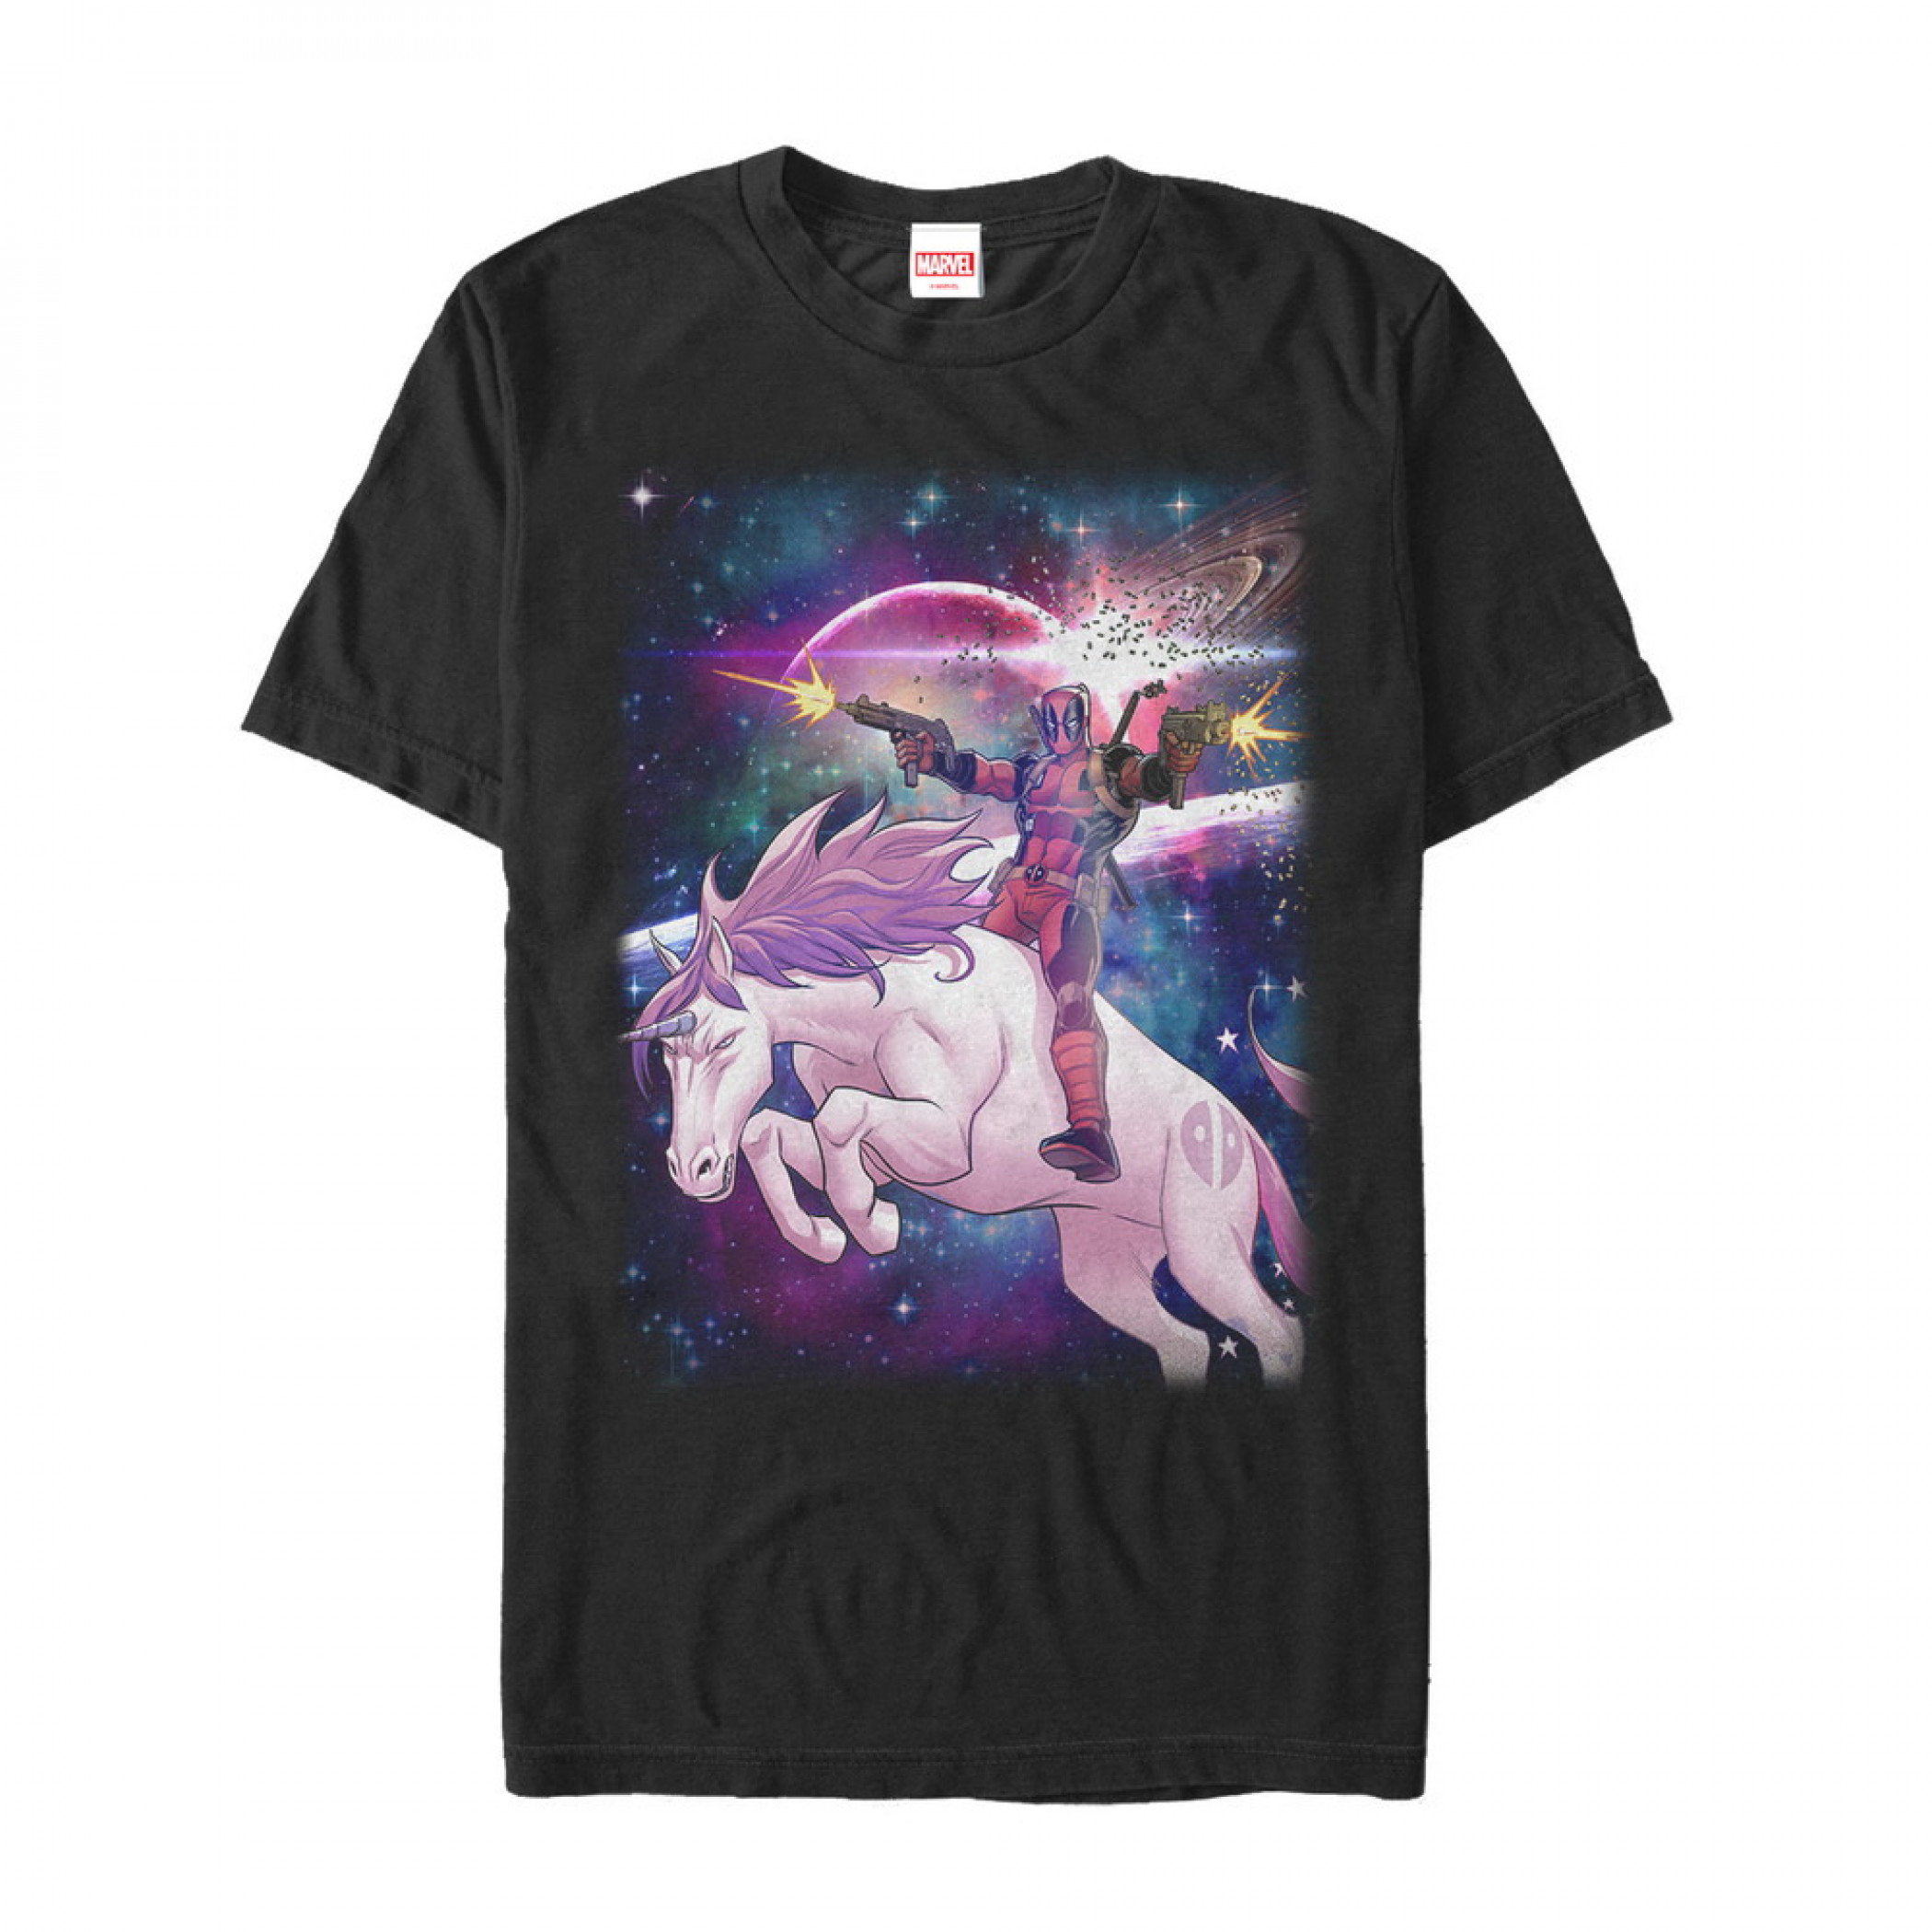 Marvel Legendary Deadpool on Space Unicorn Men's T-Shirt